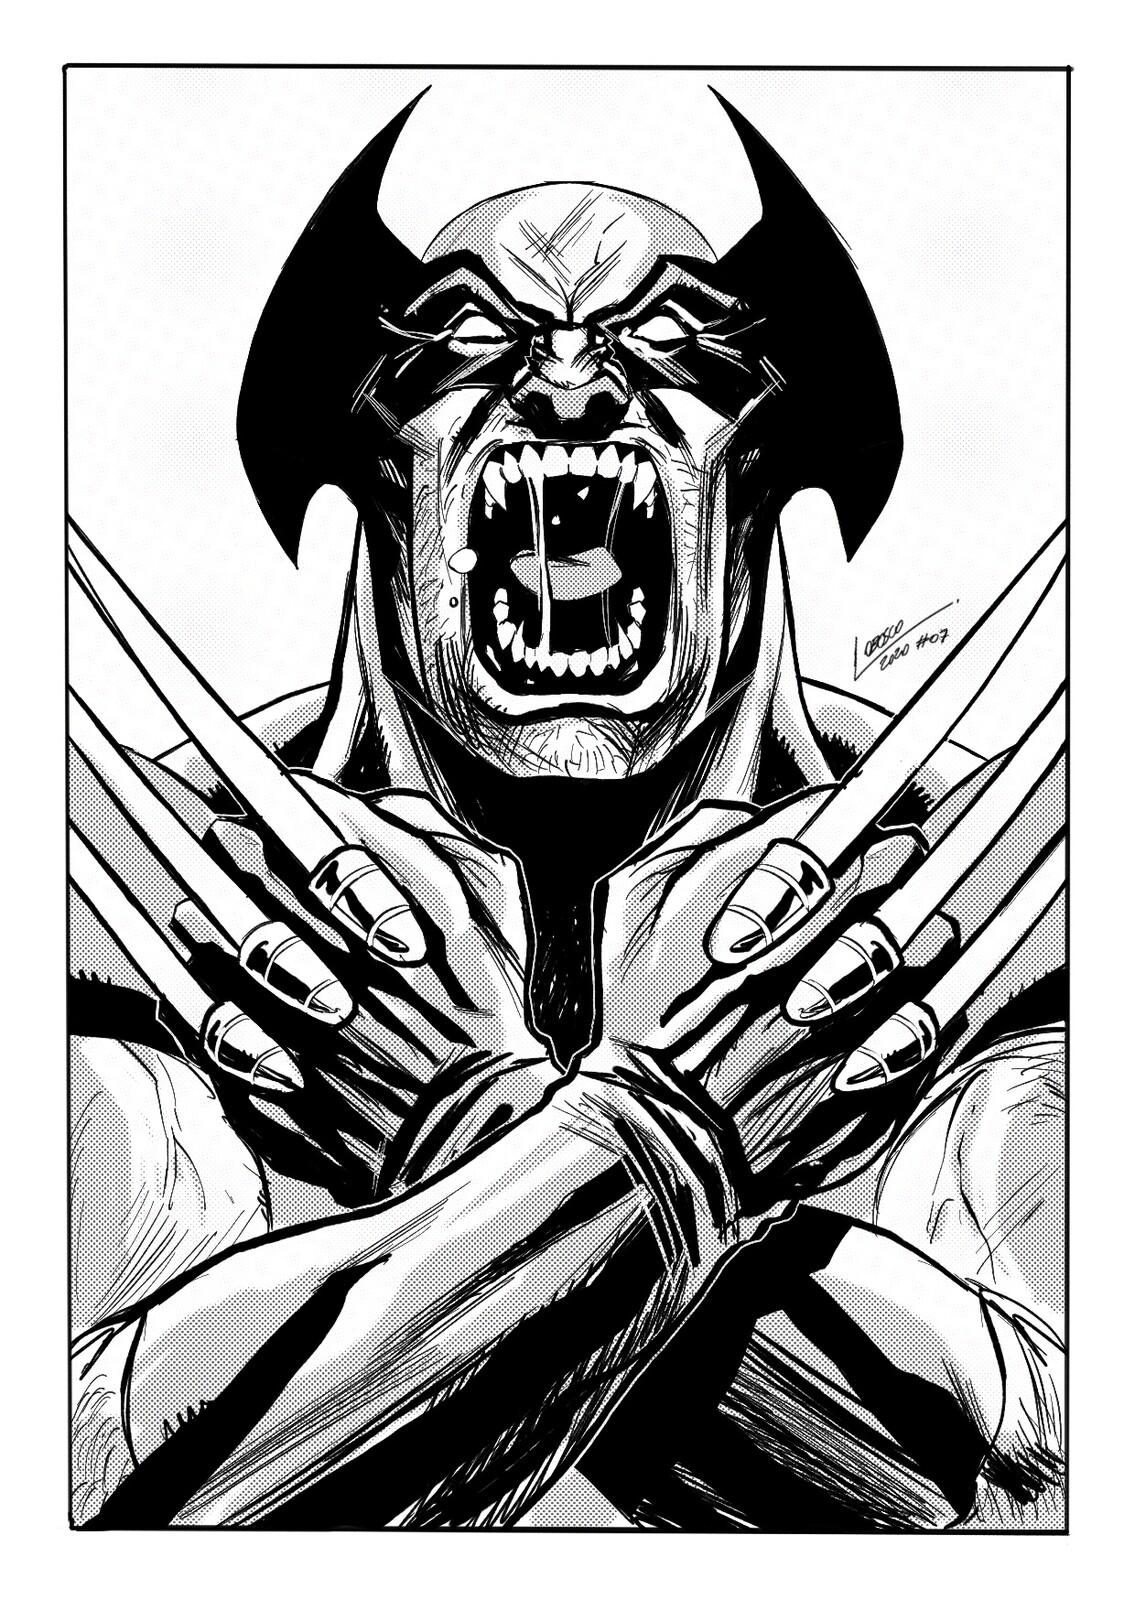 Wolverine - X-Men (1993)